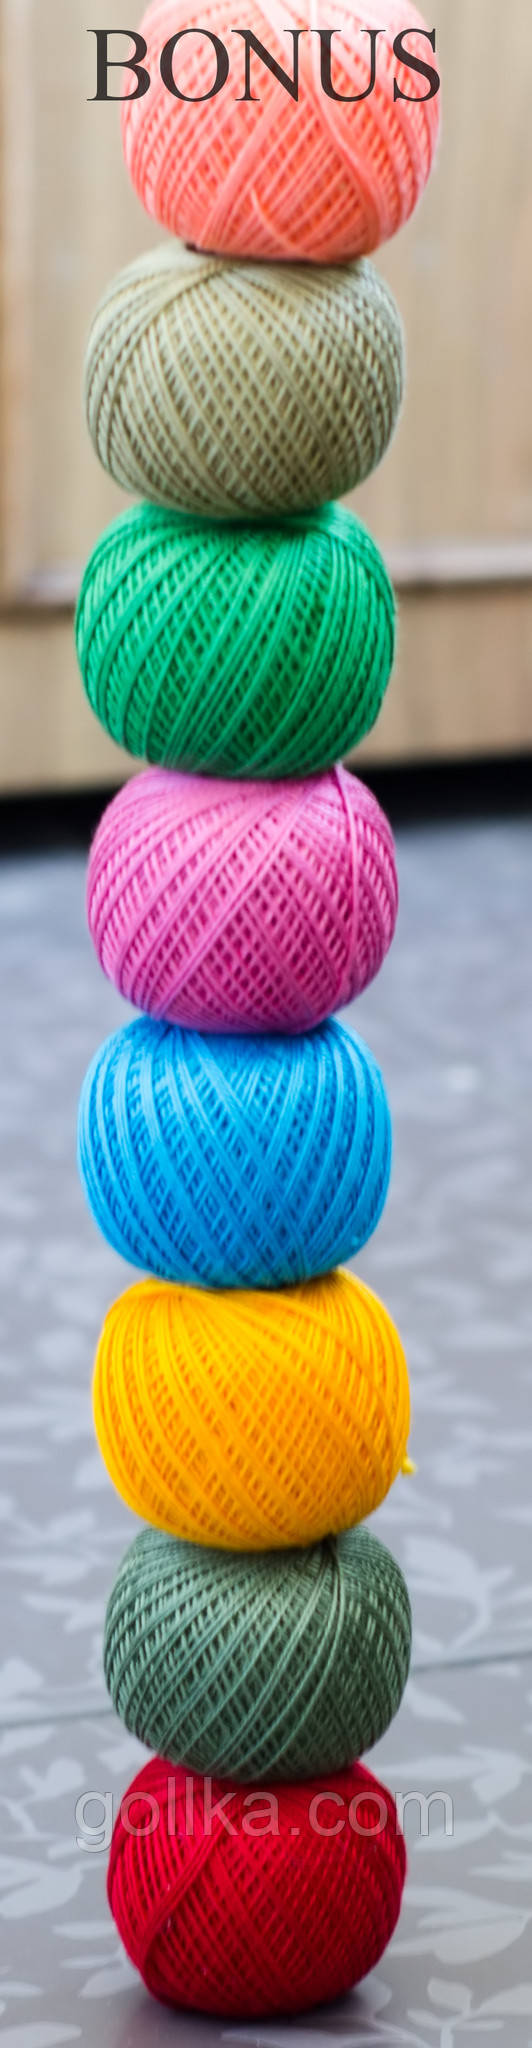 Нитки пеликан для вязания